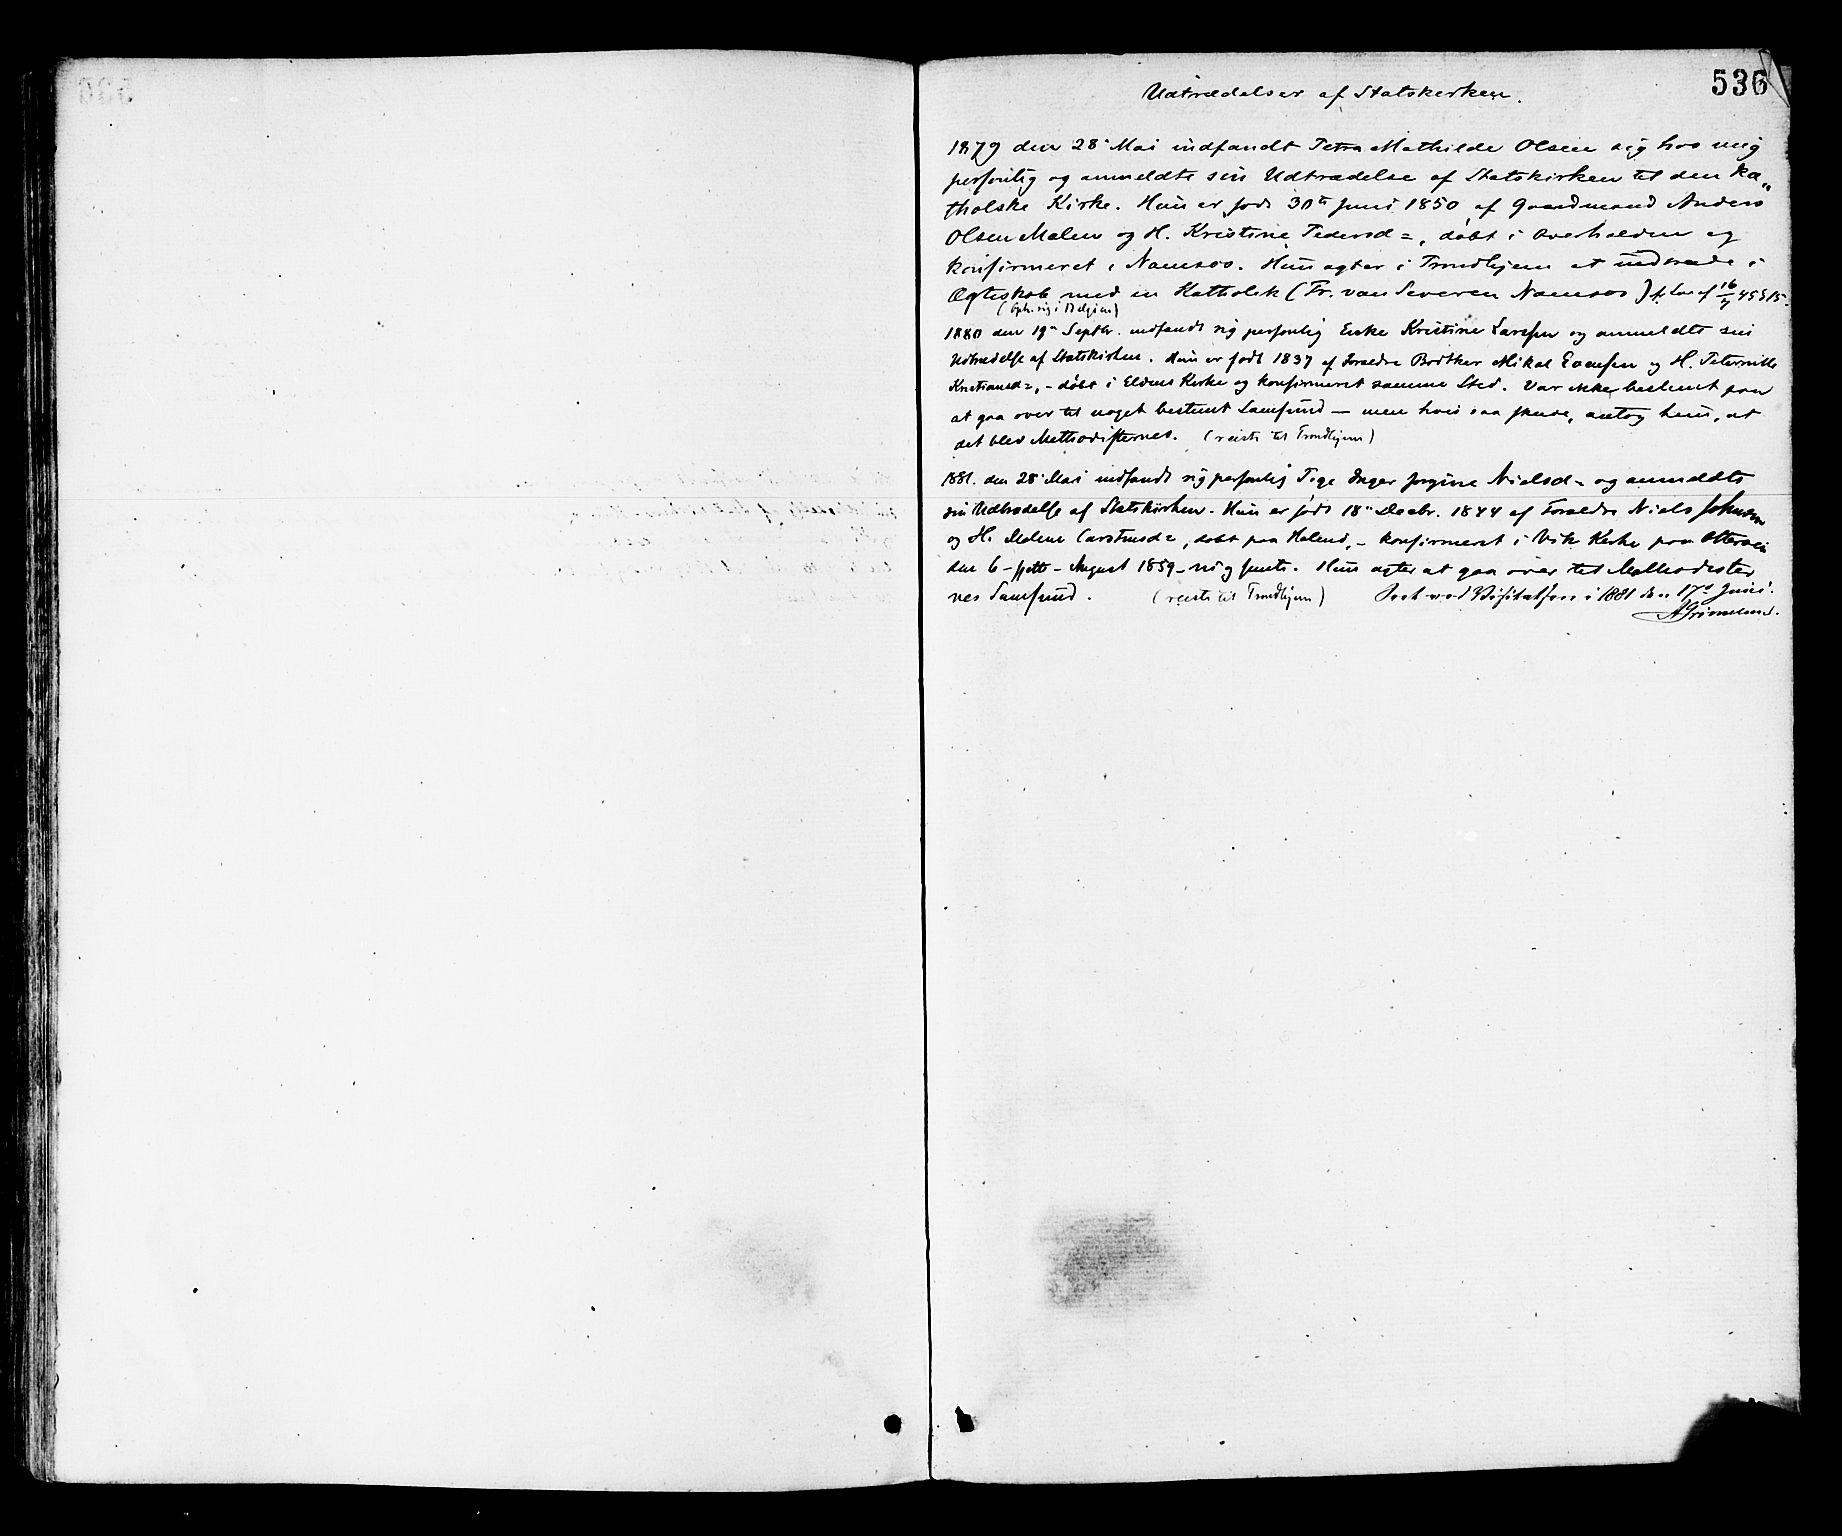 SAT, Ministerialprotokoller, klokkerbøker og fødselsregistre - Nord-Trøndelag, 768/L0572: Ministerialbok nr. 768A07, 1874-1886, s. 536